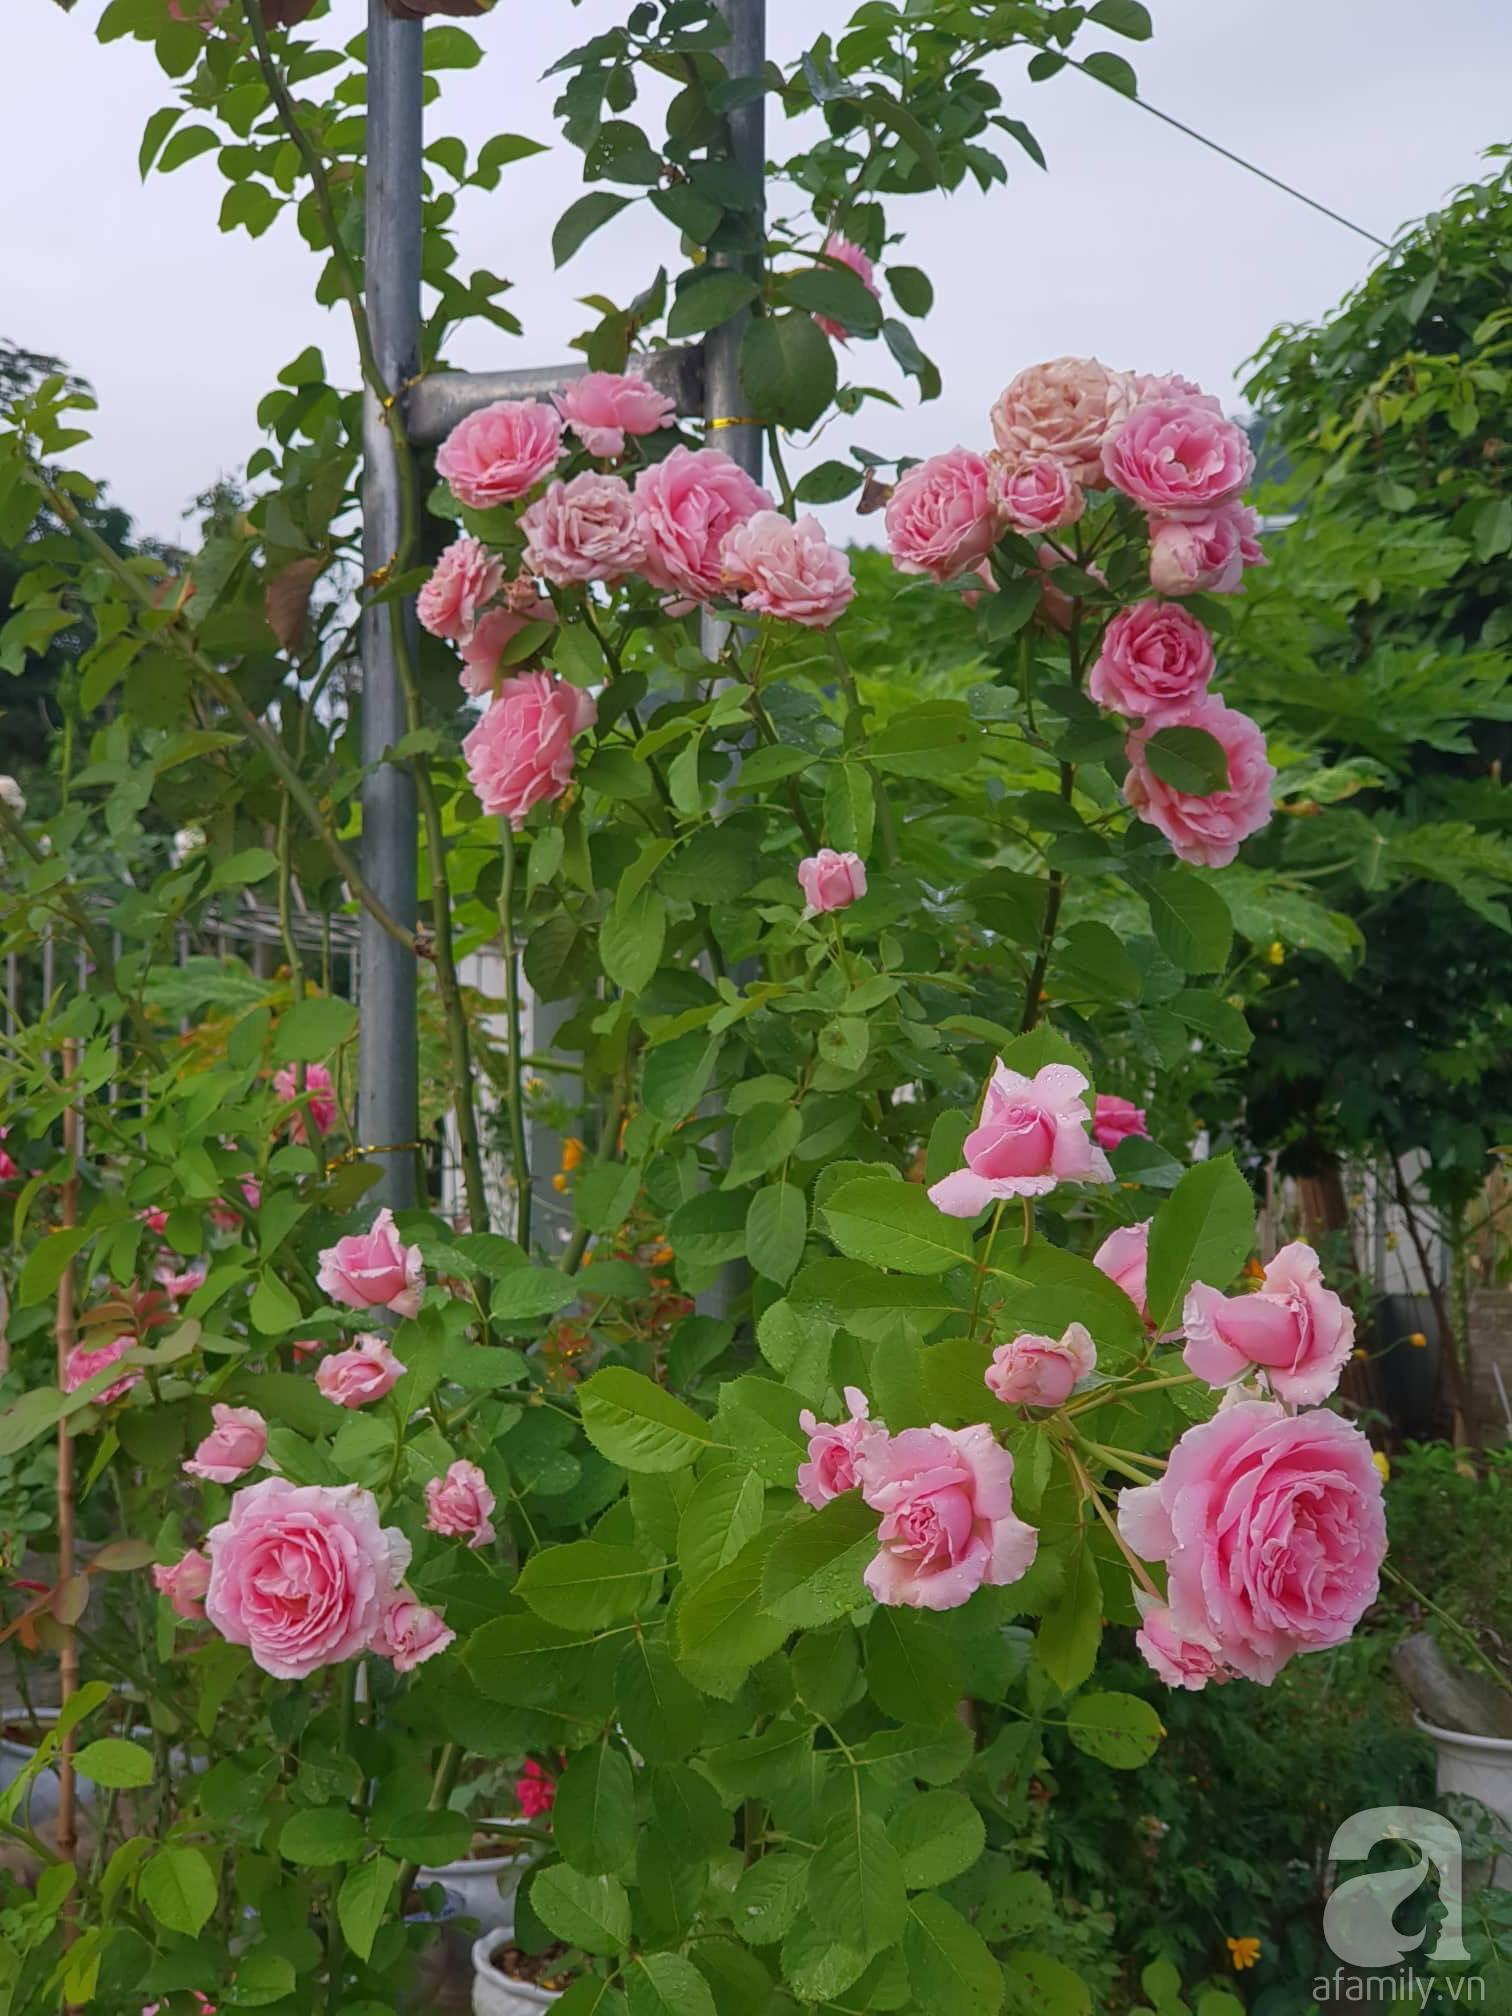 Ngôi nhà hoa hồng thơm ngát và rực rỡ với hàng trăm gốc hồng trên triền núi của cô giáo ở Cao Bằng - Ảnh 14.